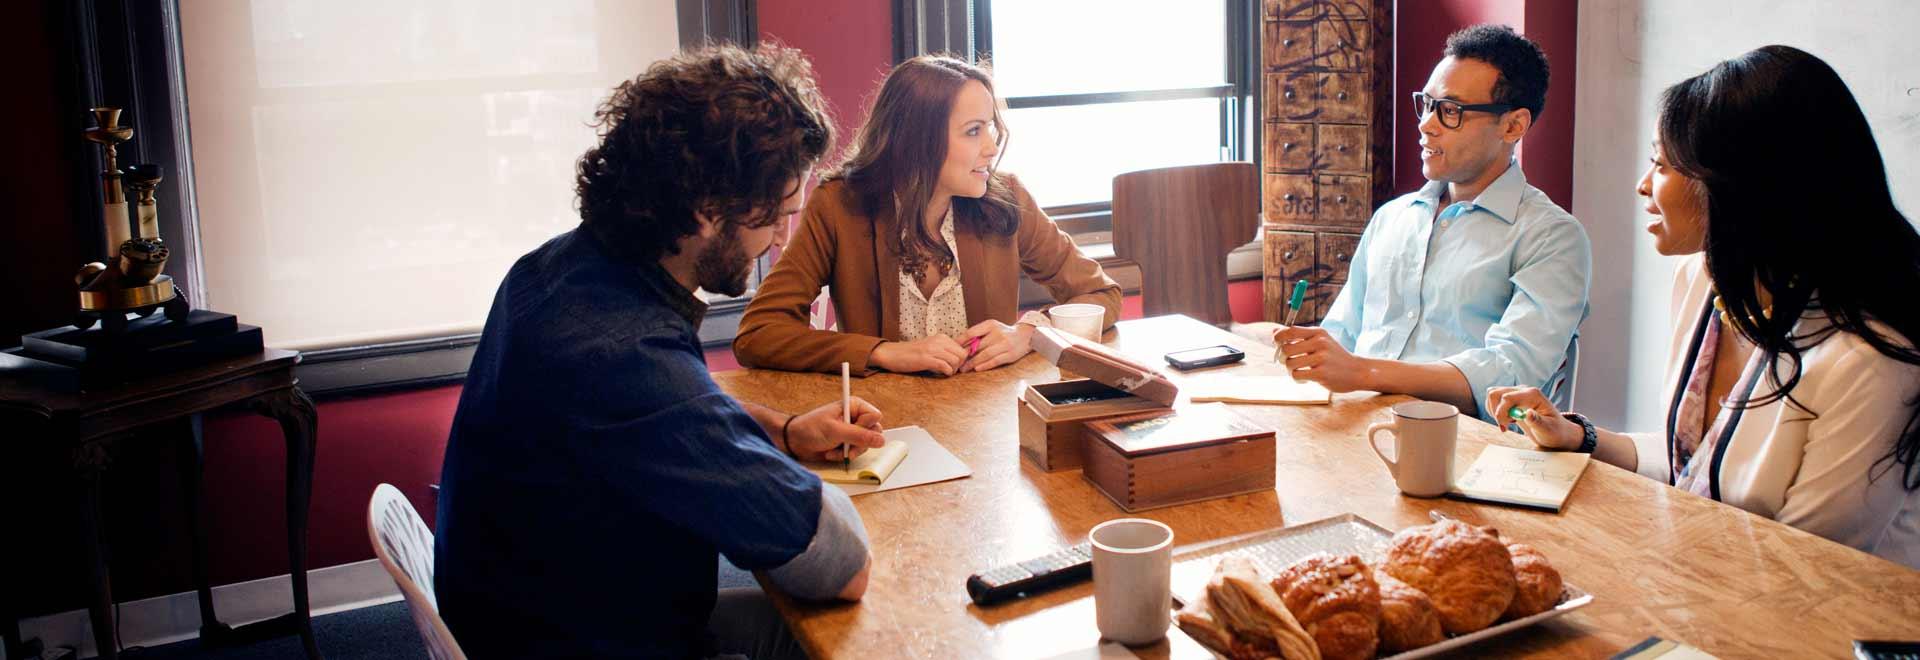 Cztery osoby pracujące w biurze, używające usługi Office 365 E3.